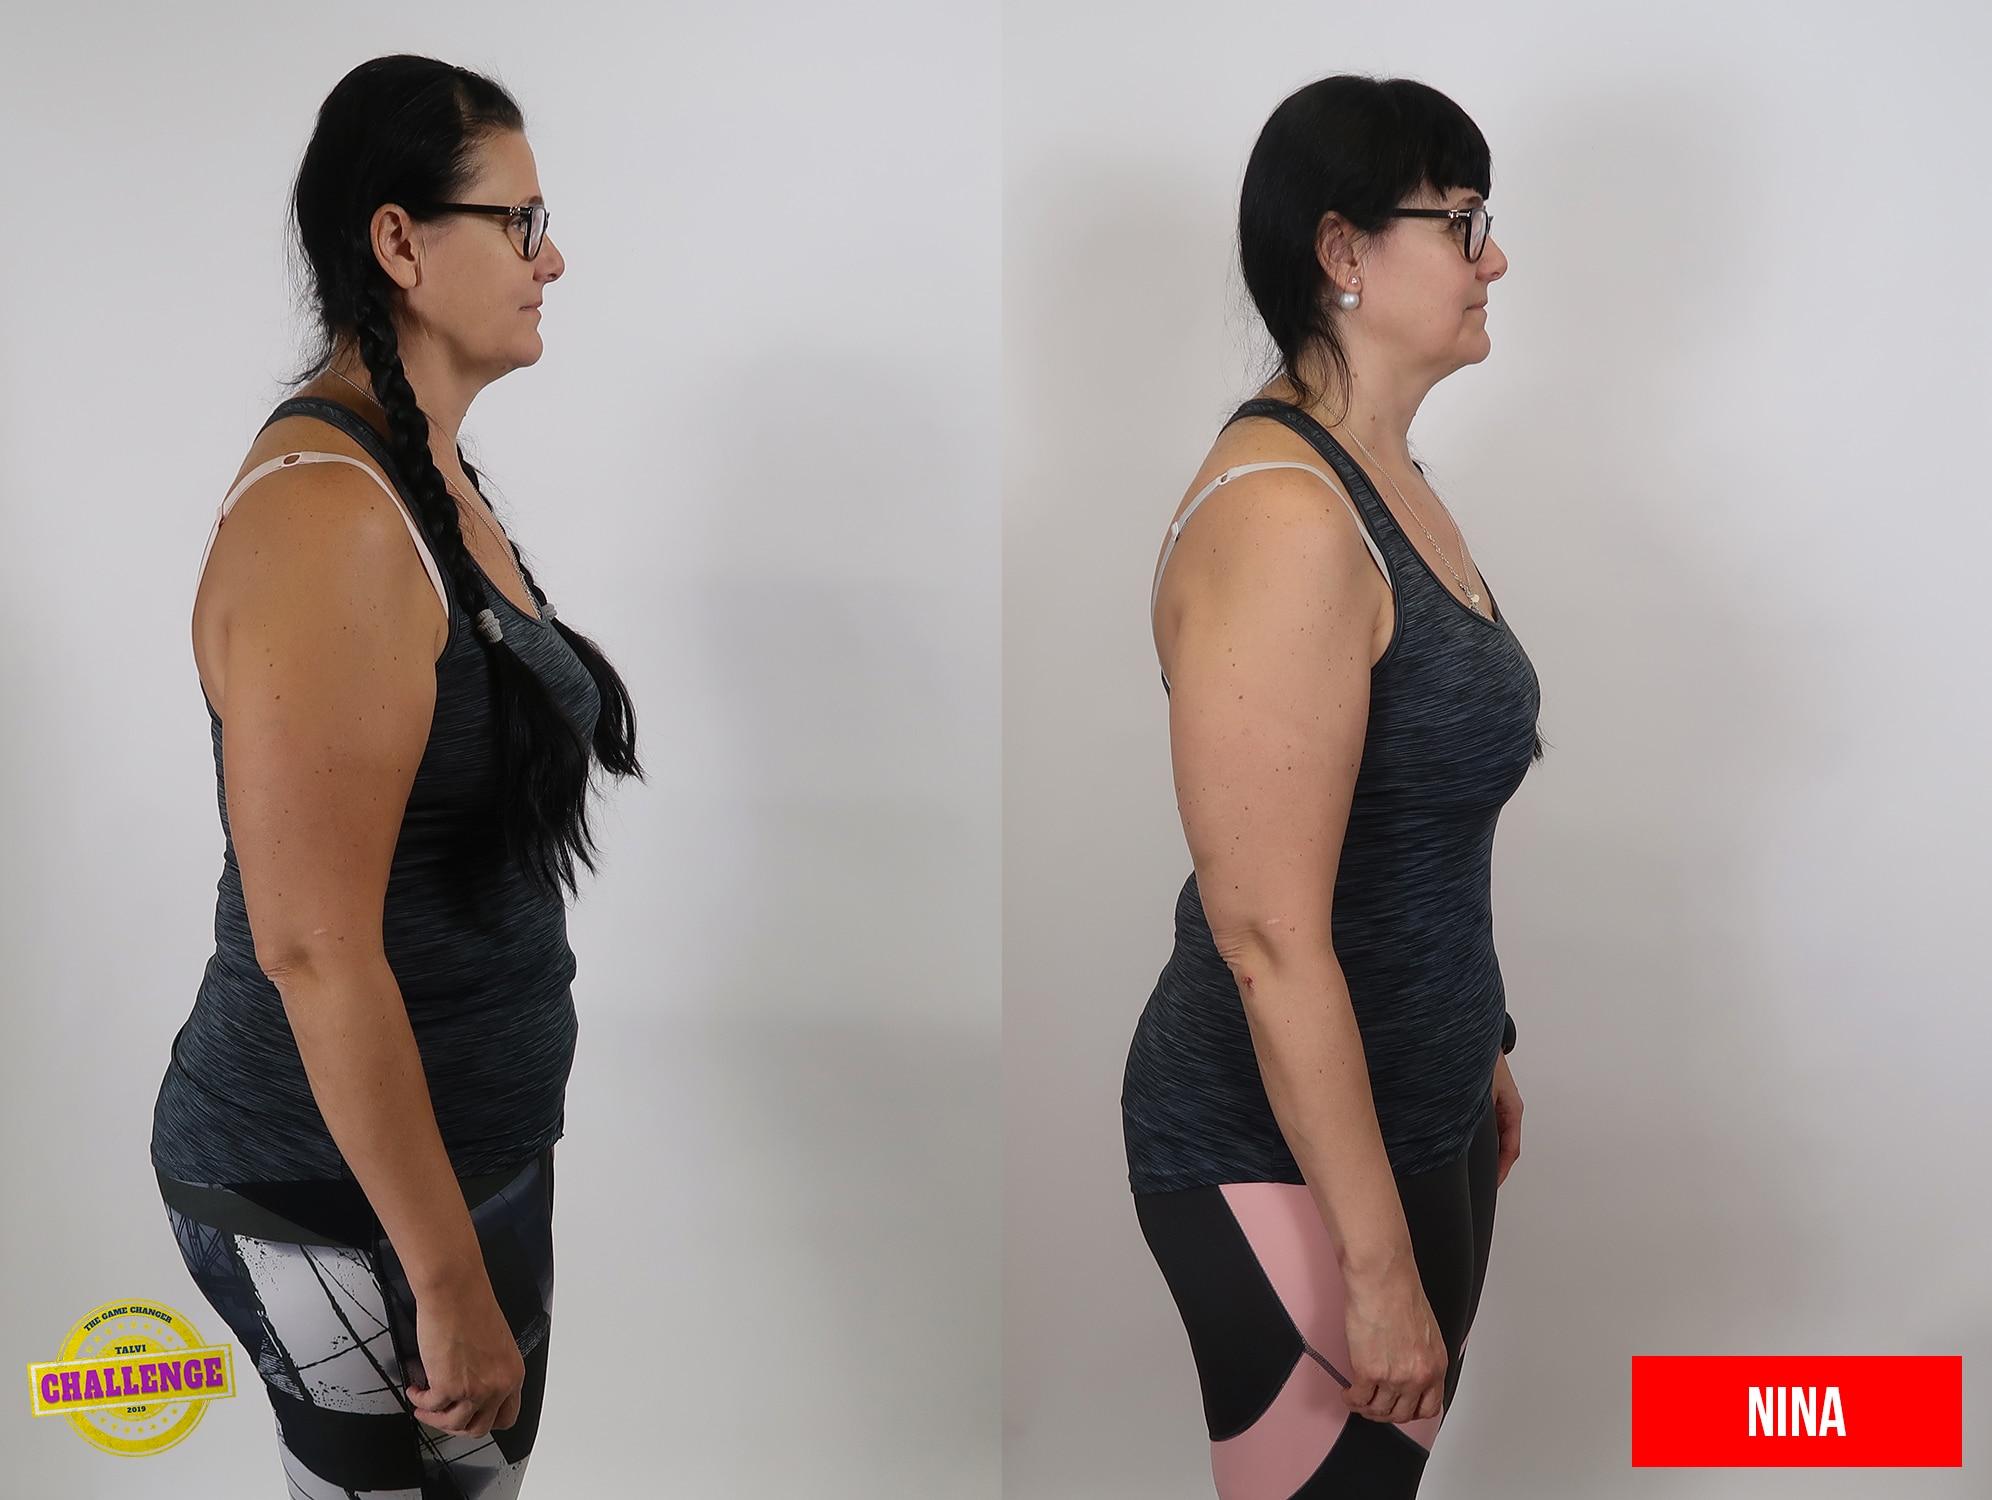 vanhempi nainen ennen ja jälkeen